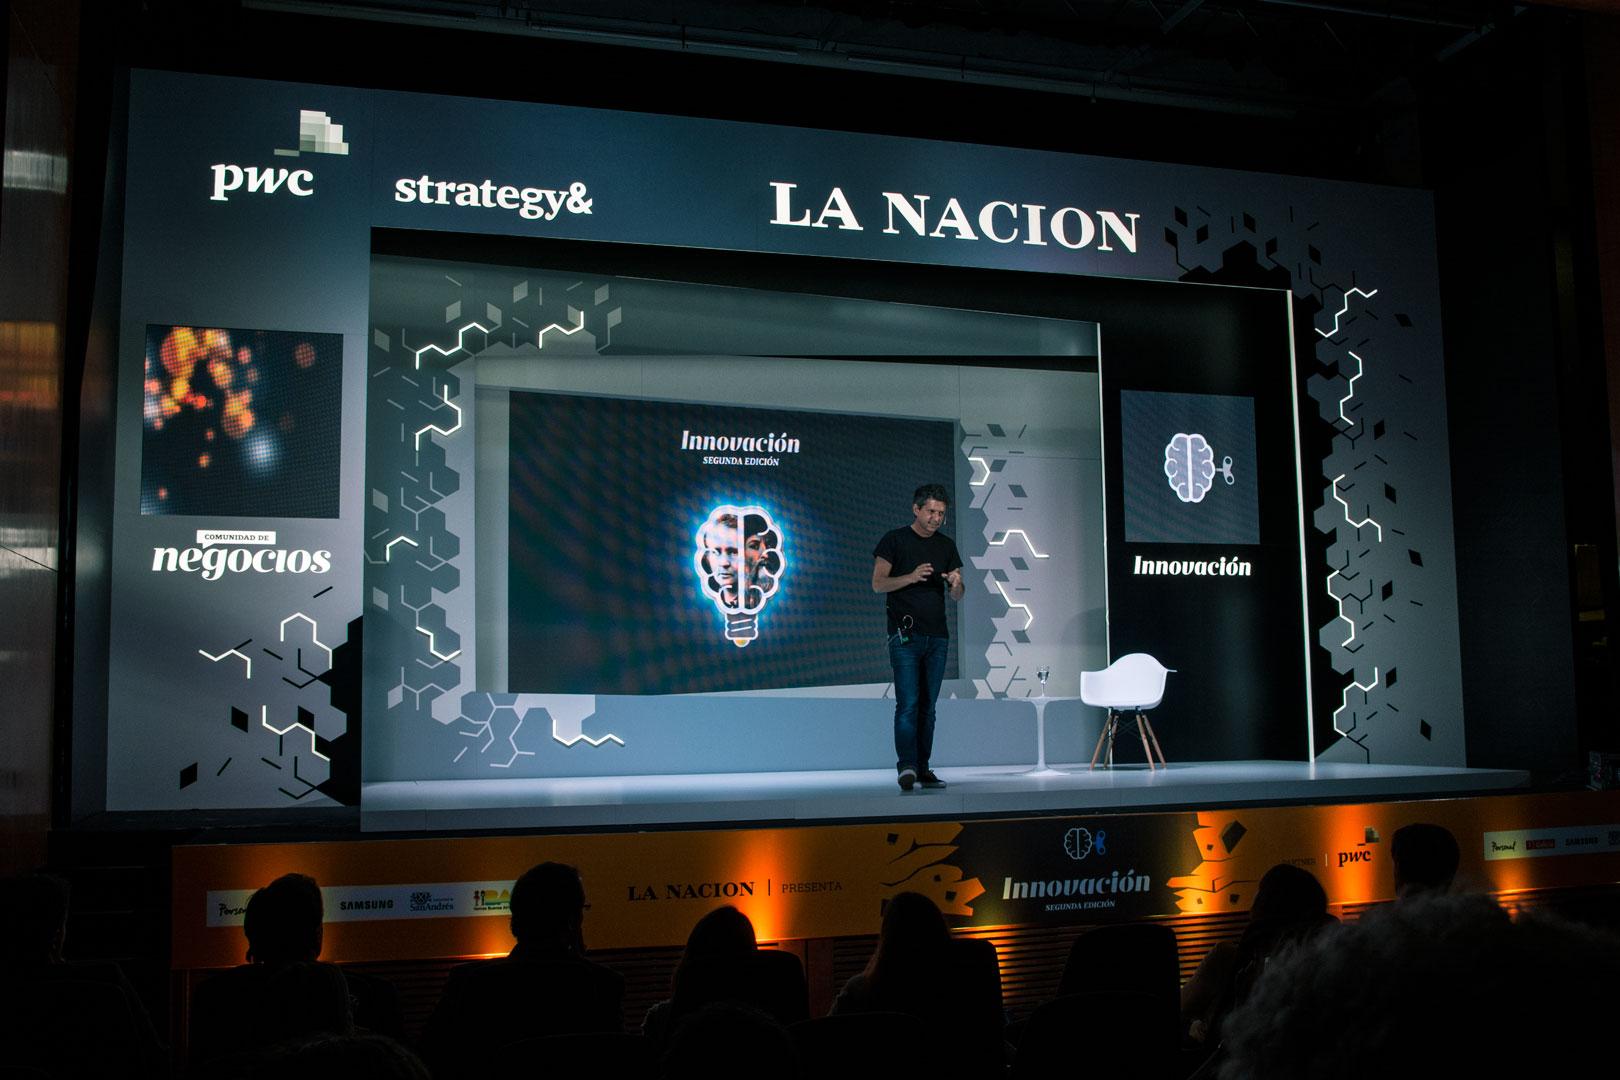 Evento La Nacion innovación 2016 20 diseño estratégico